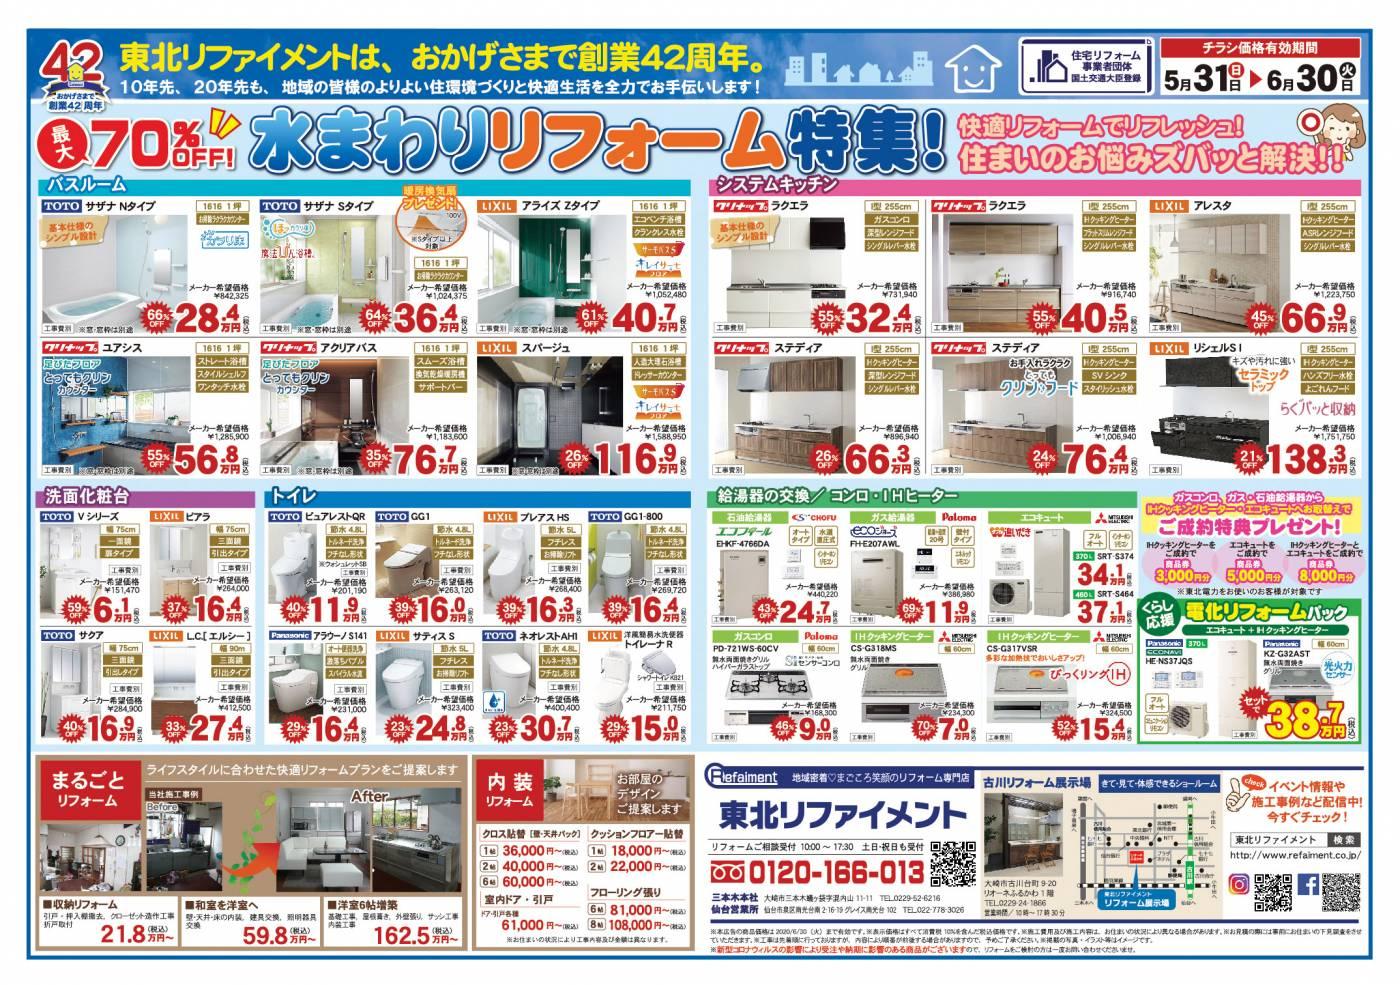 広告(2020_05_31)2-1